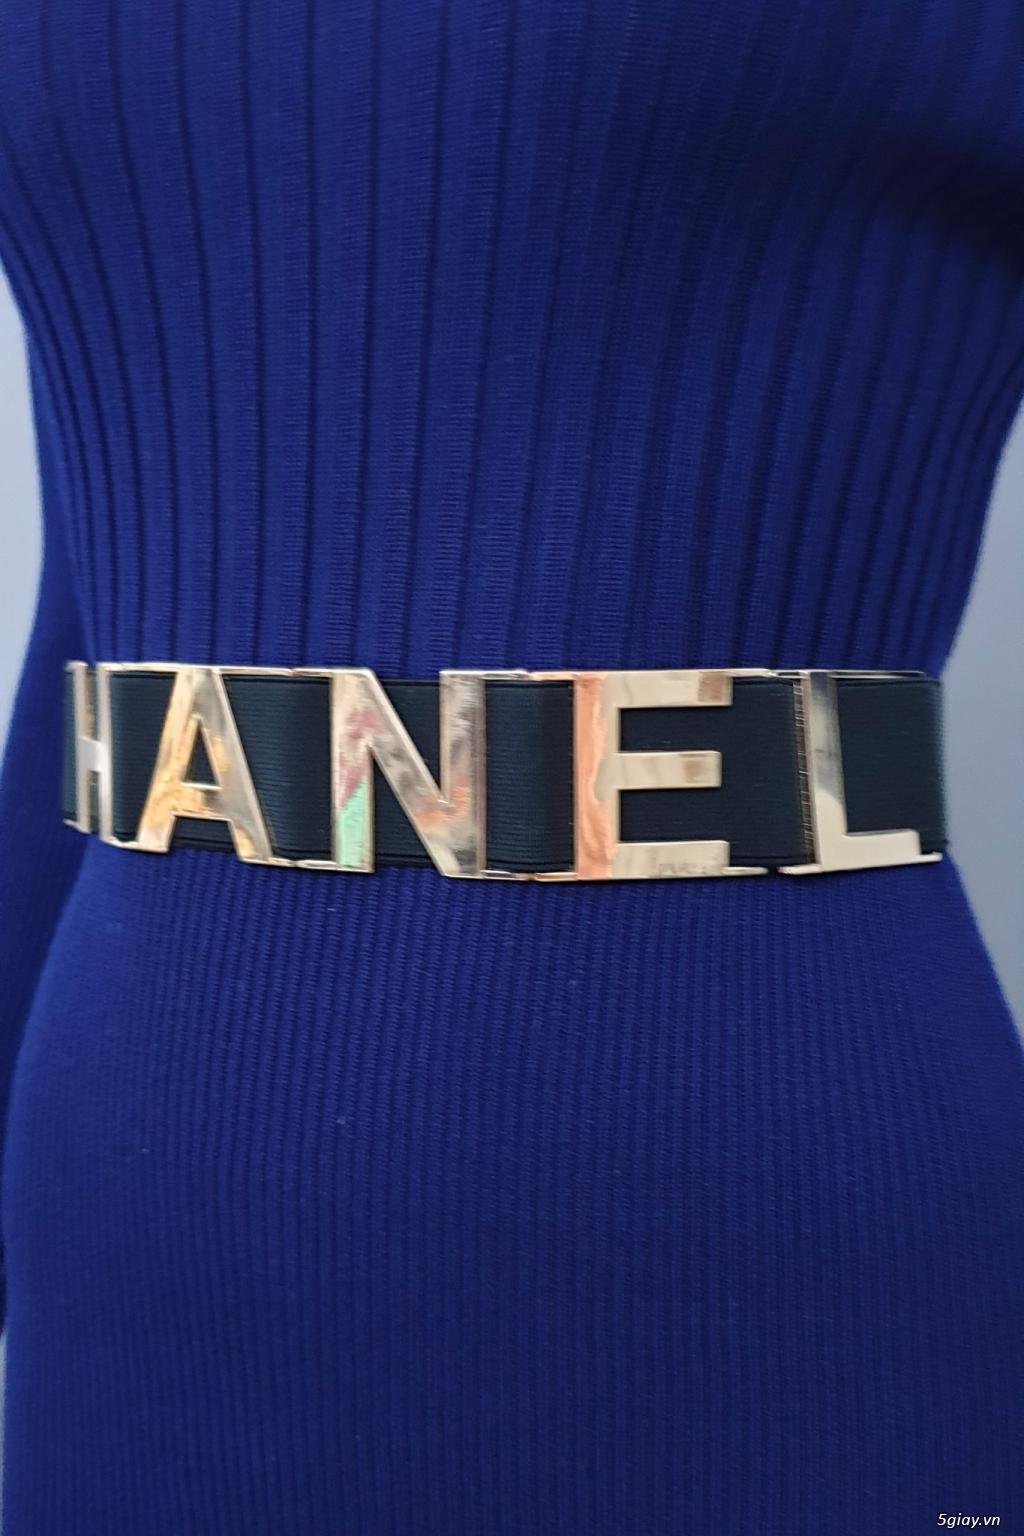 Wal House Fashion - Dây nịt, cài áo, vòng tay, mắt kiếng.......